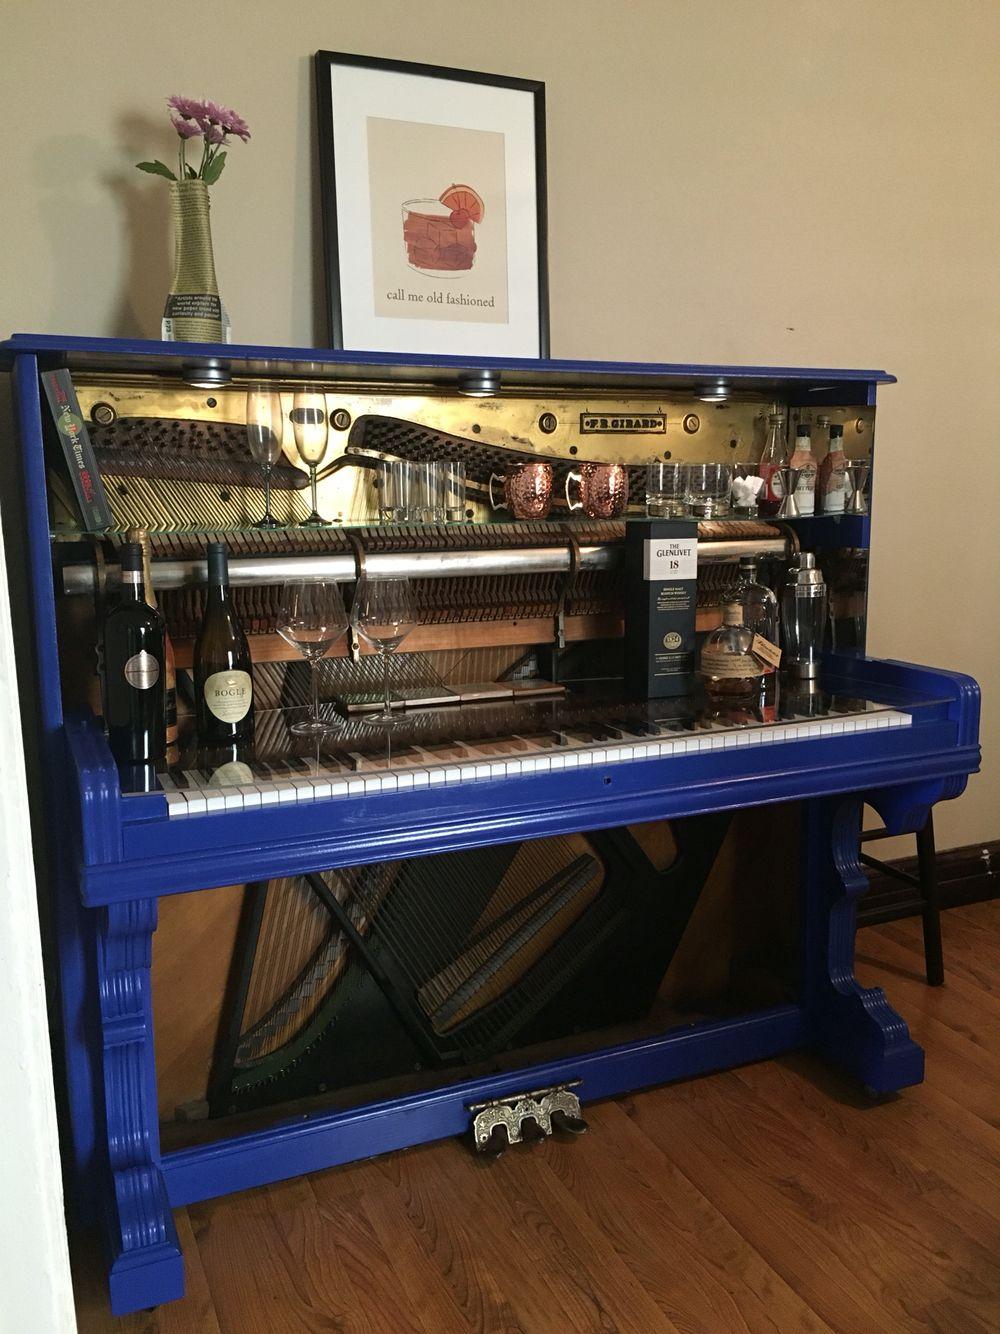 midi piano how to make